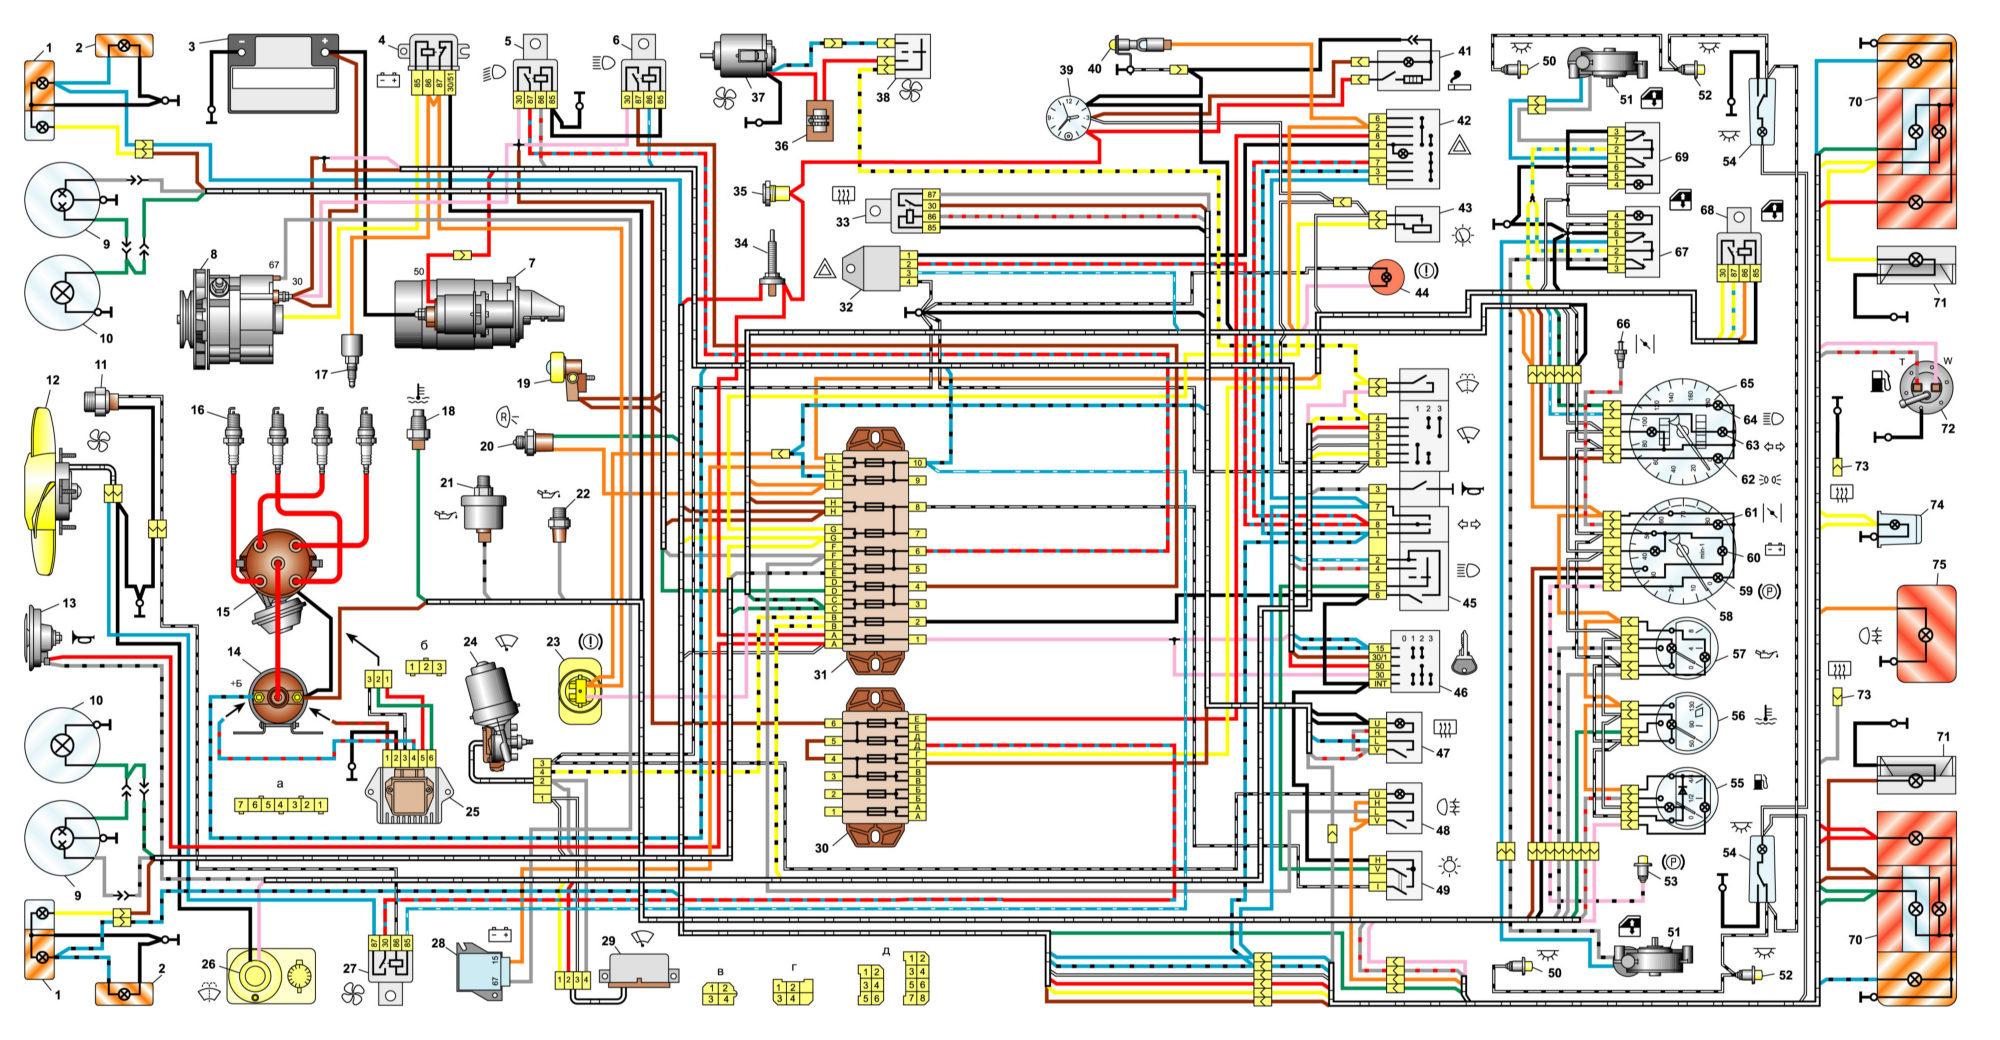 принципиальная схема инвертора пн5-12